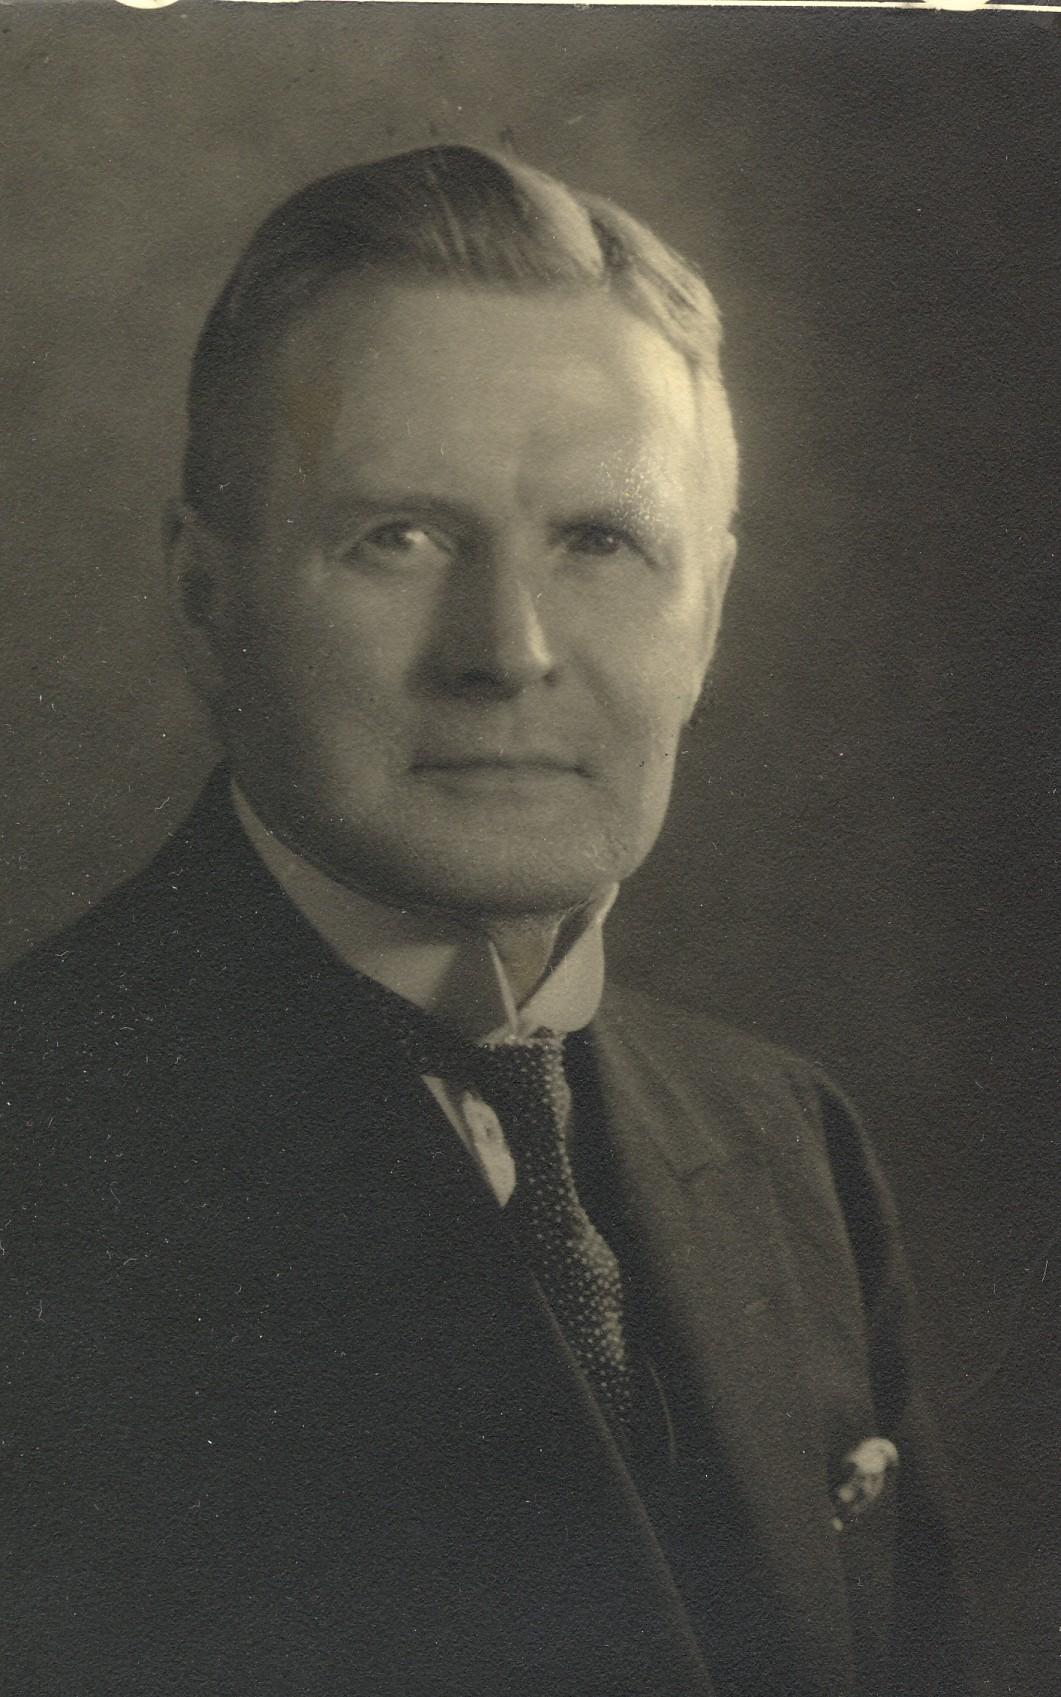 ca. 1920s.